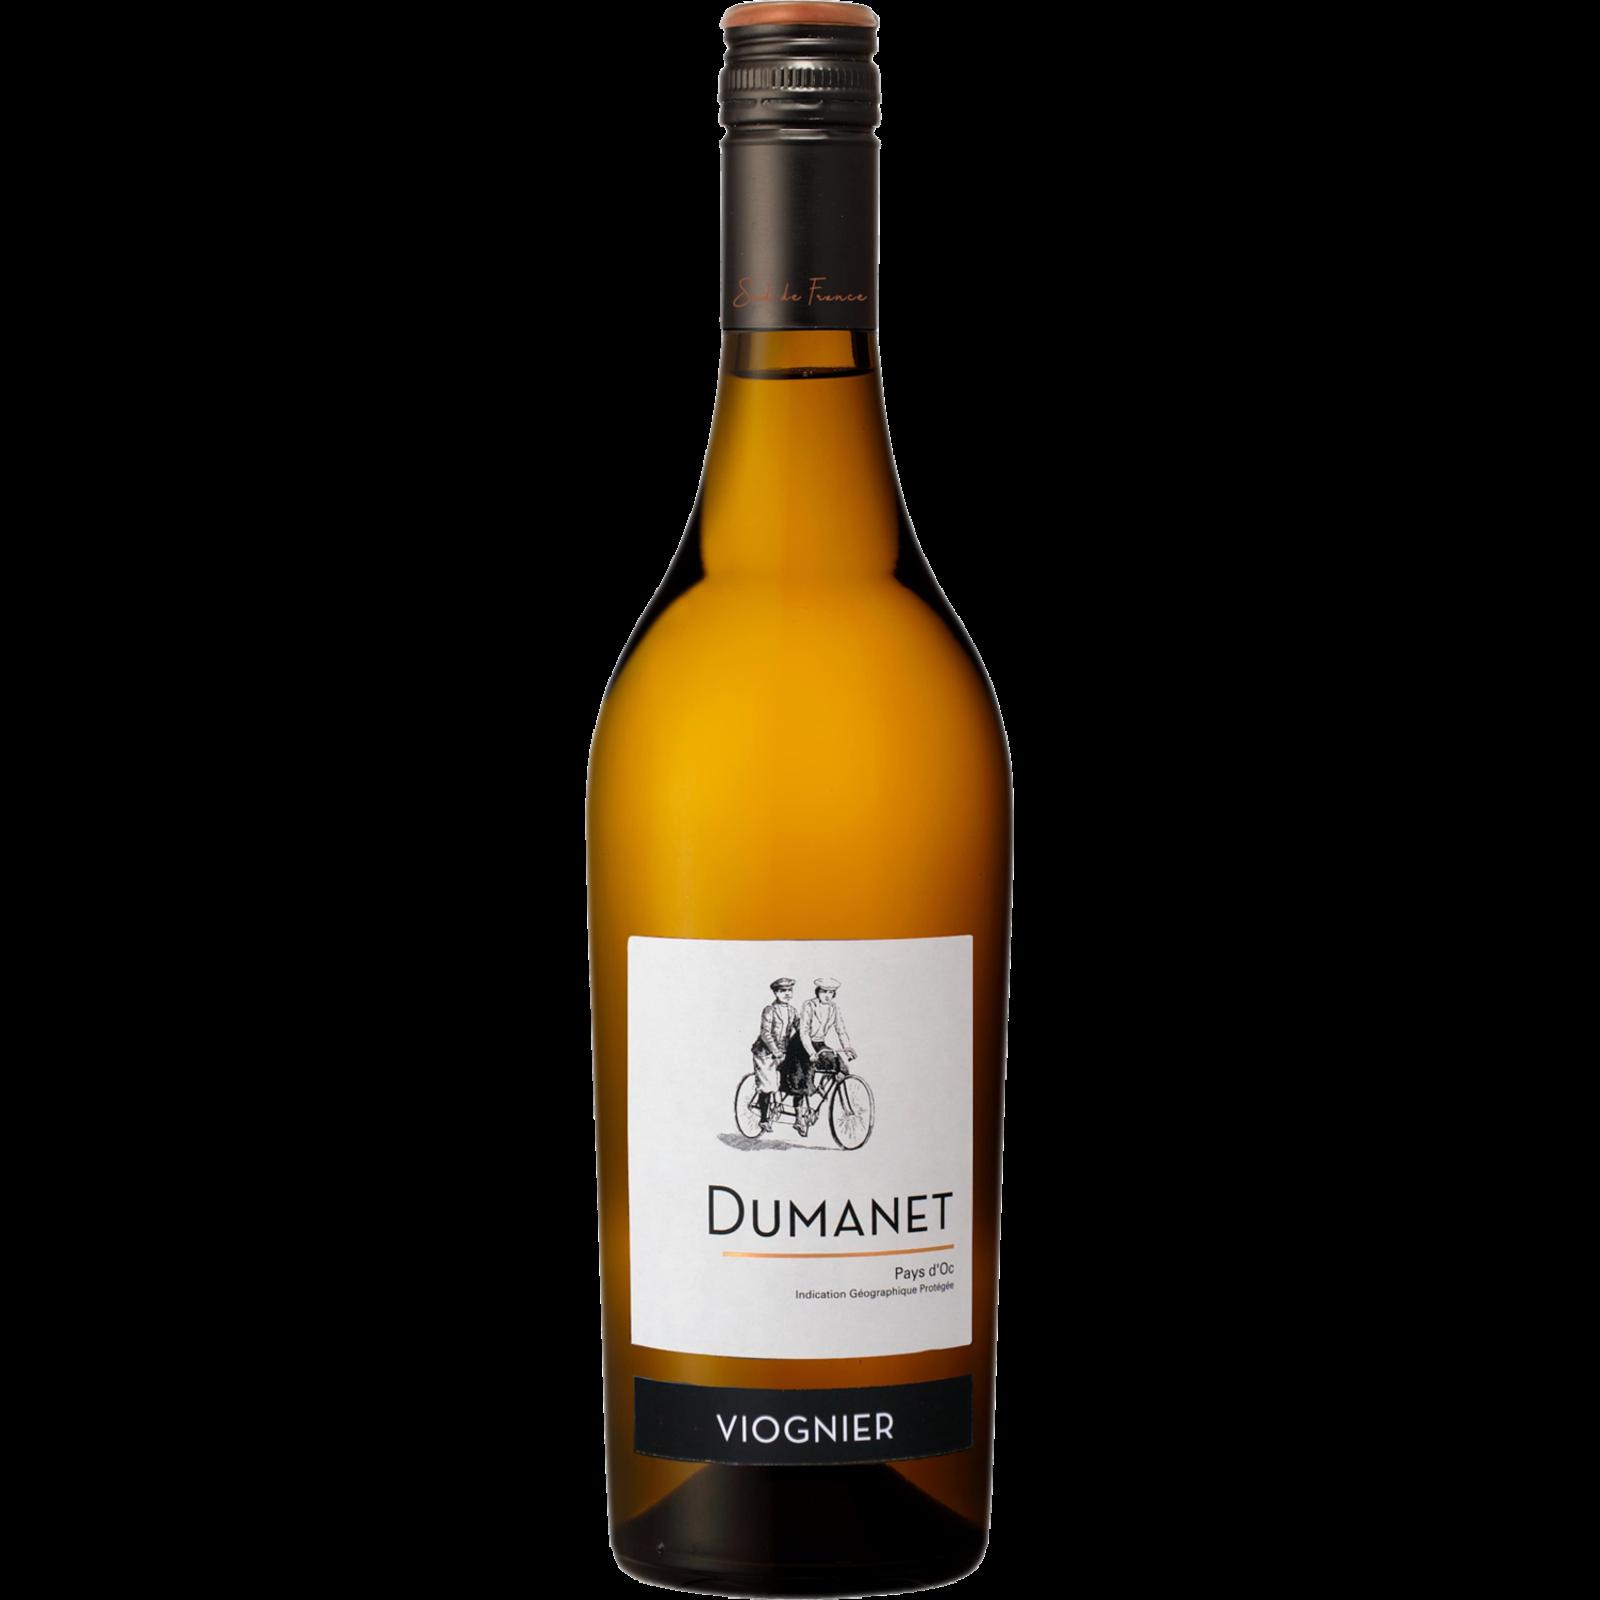 Dumanet Dumanet Viognier 2020